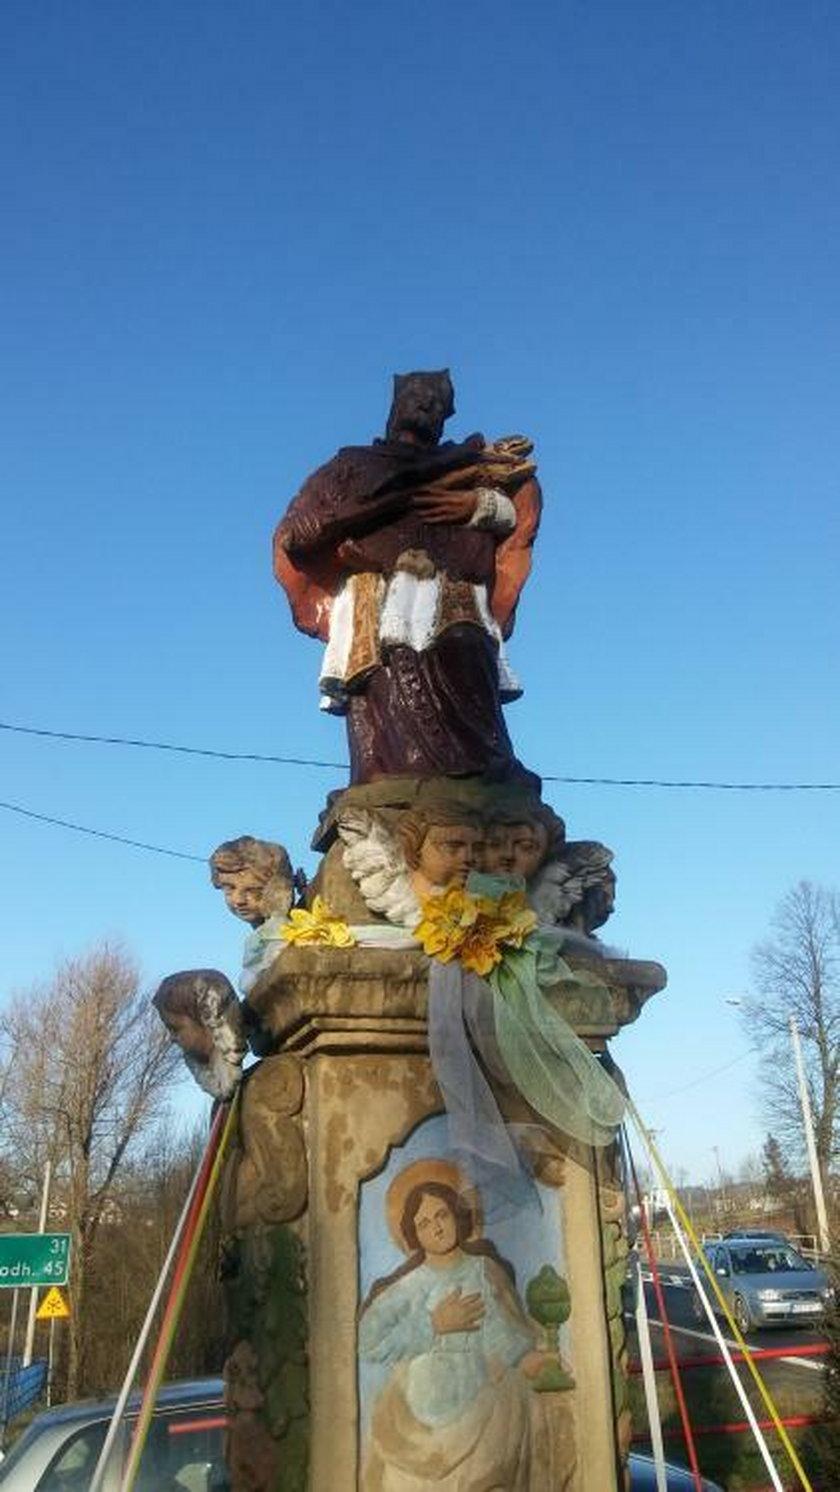 Zniszczona figura świętego w Jabłonce